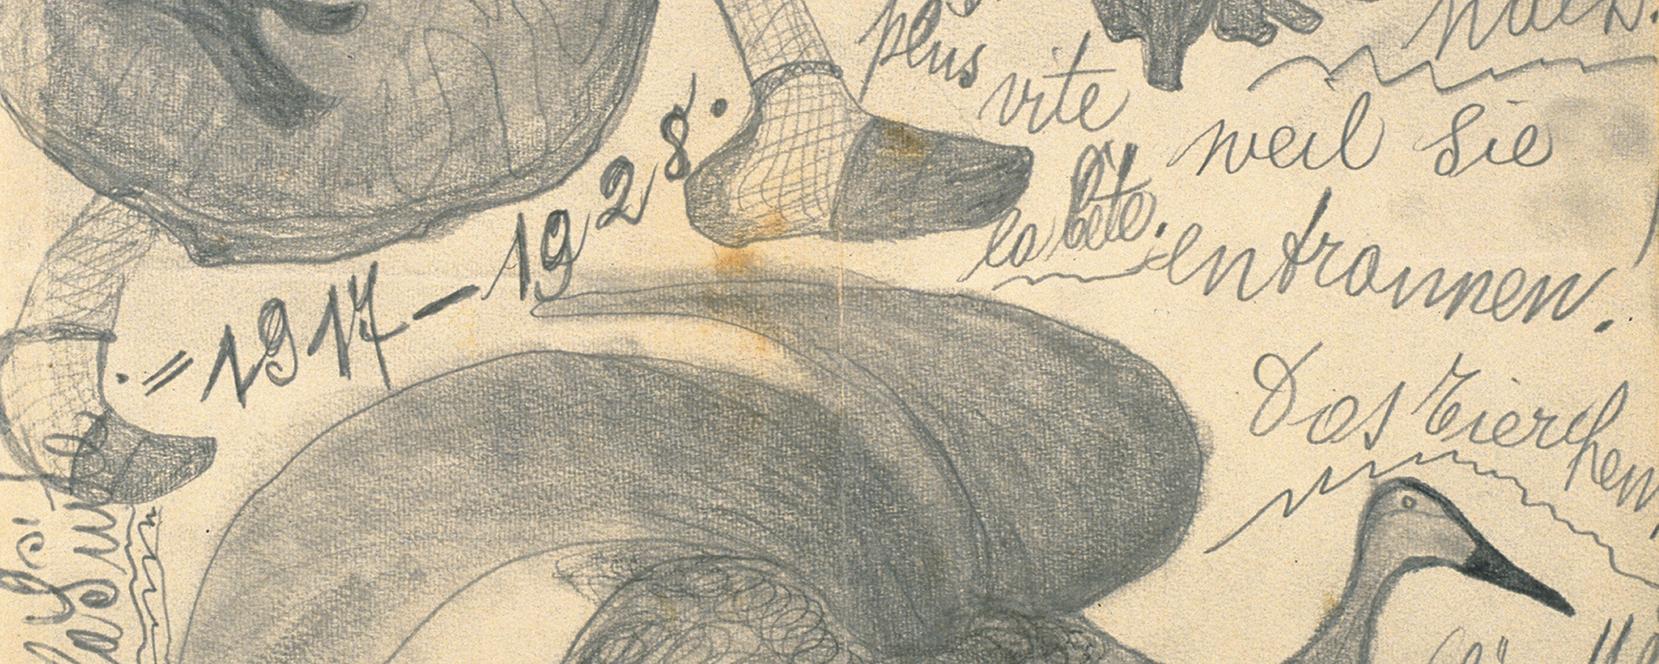 Karl M. (1886–1942), Reisender, Wirt/traveling salesman/innkeeper: «Die Frau springt der Gans nach», Bleistift auf Papier / (The Woman Jumps after the Goose), pencil on paper, 19,6 x 26,5 cm, 1917, Sammlung Königsfelden, Inv. Nr. 201, PDAG, Windisch